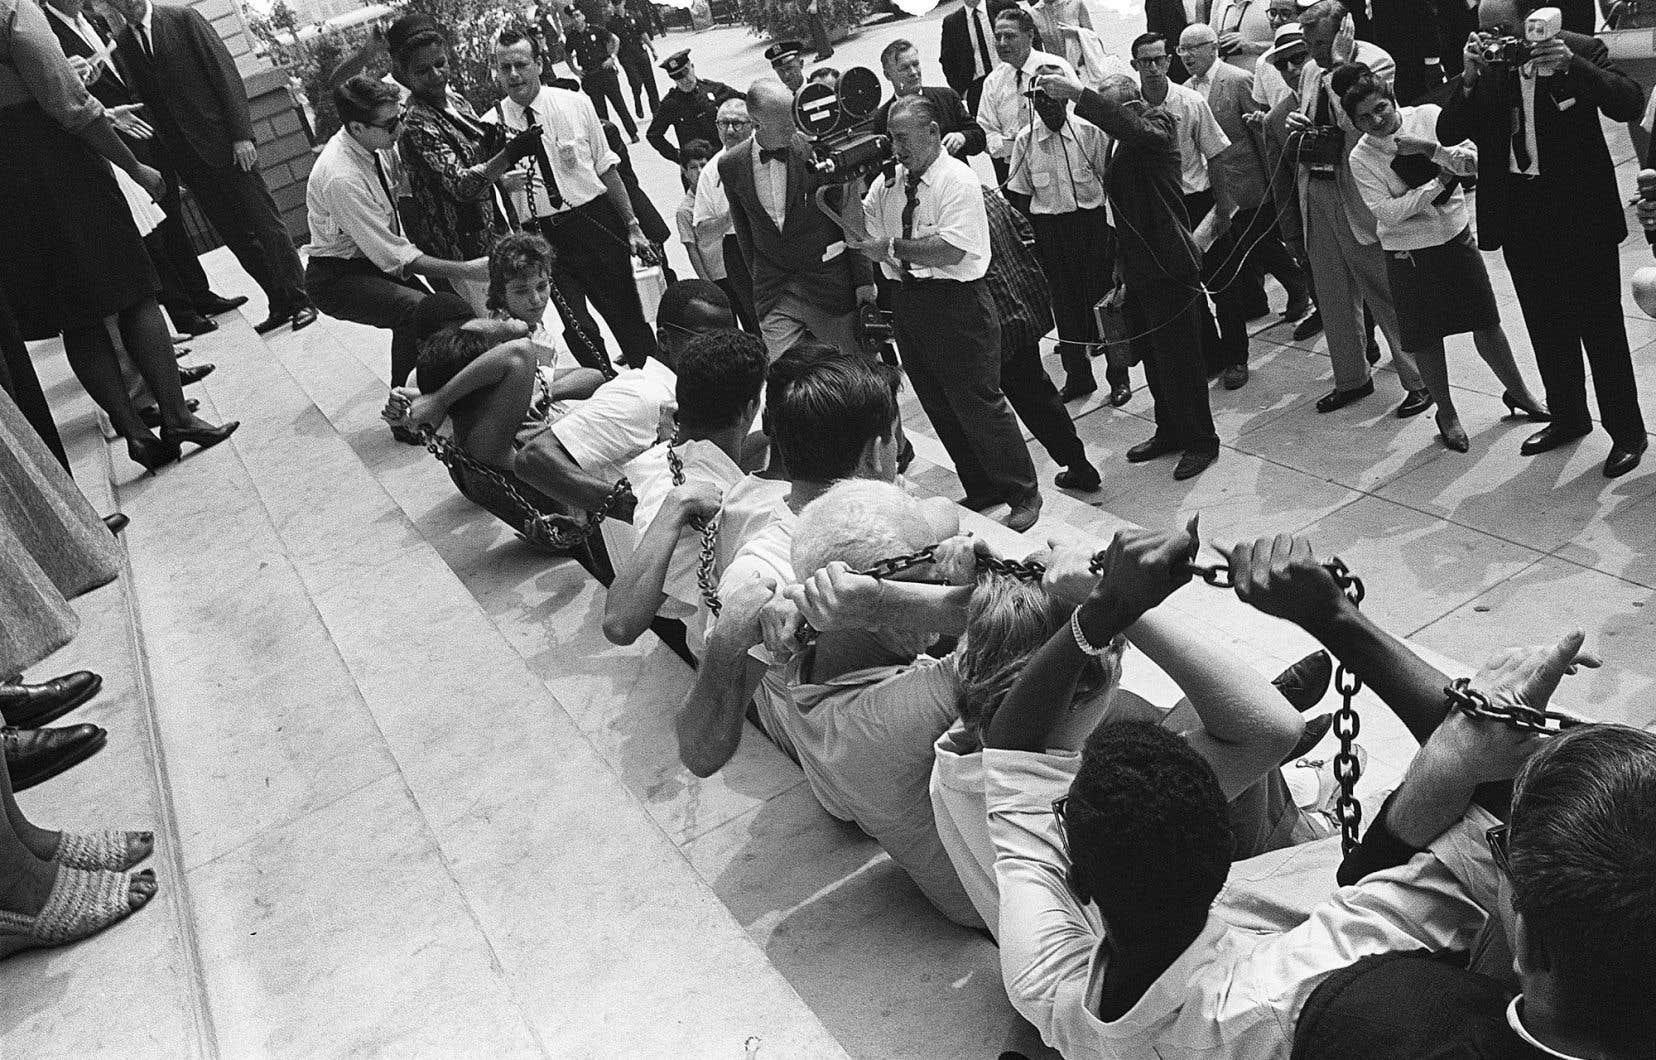 Noirs et Blancs se sont enchaînés devant l'hôtel de ville de New York, le 23août 1963, pour manifester contre la ségrégation encore pratiquée dans certains États américains. De telles manifestations pour les droits civils ont eu lieu dans plusieurs grandes villes des États-Unis, avec pour finale la marche à Washington.